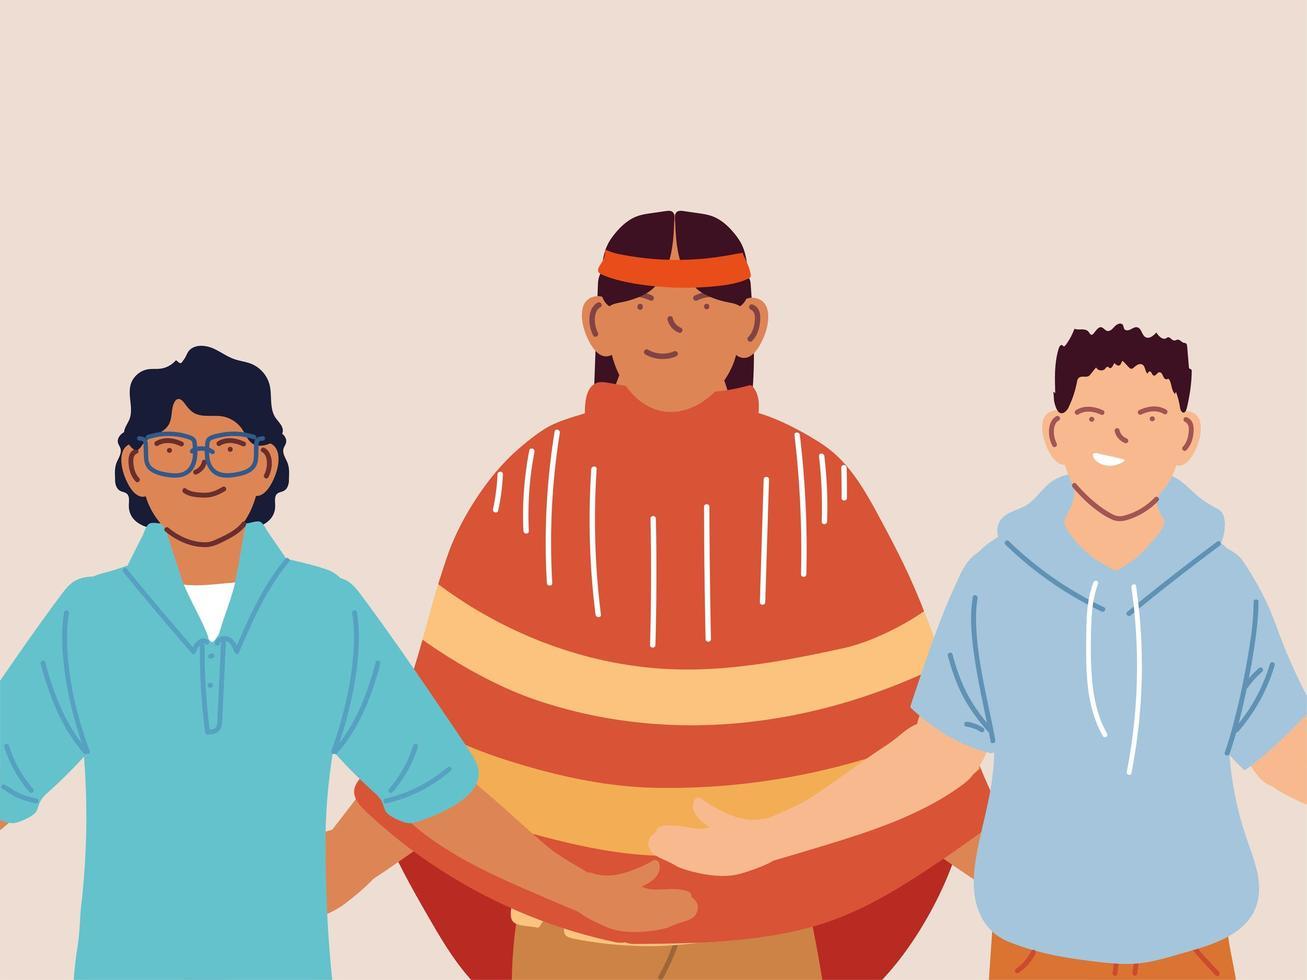 groupe multiethnique d'hommes debout ensemble vecteur